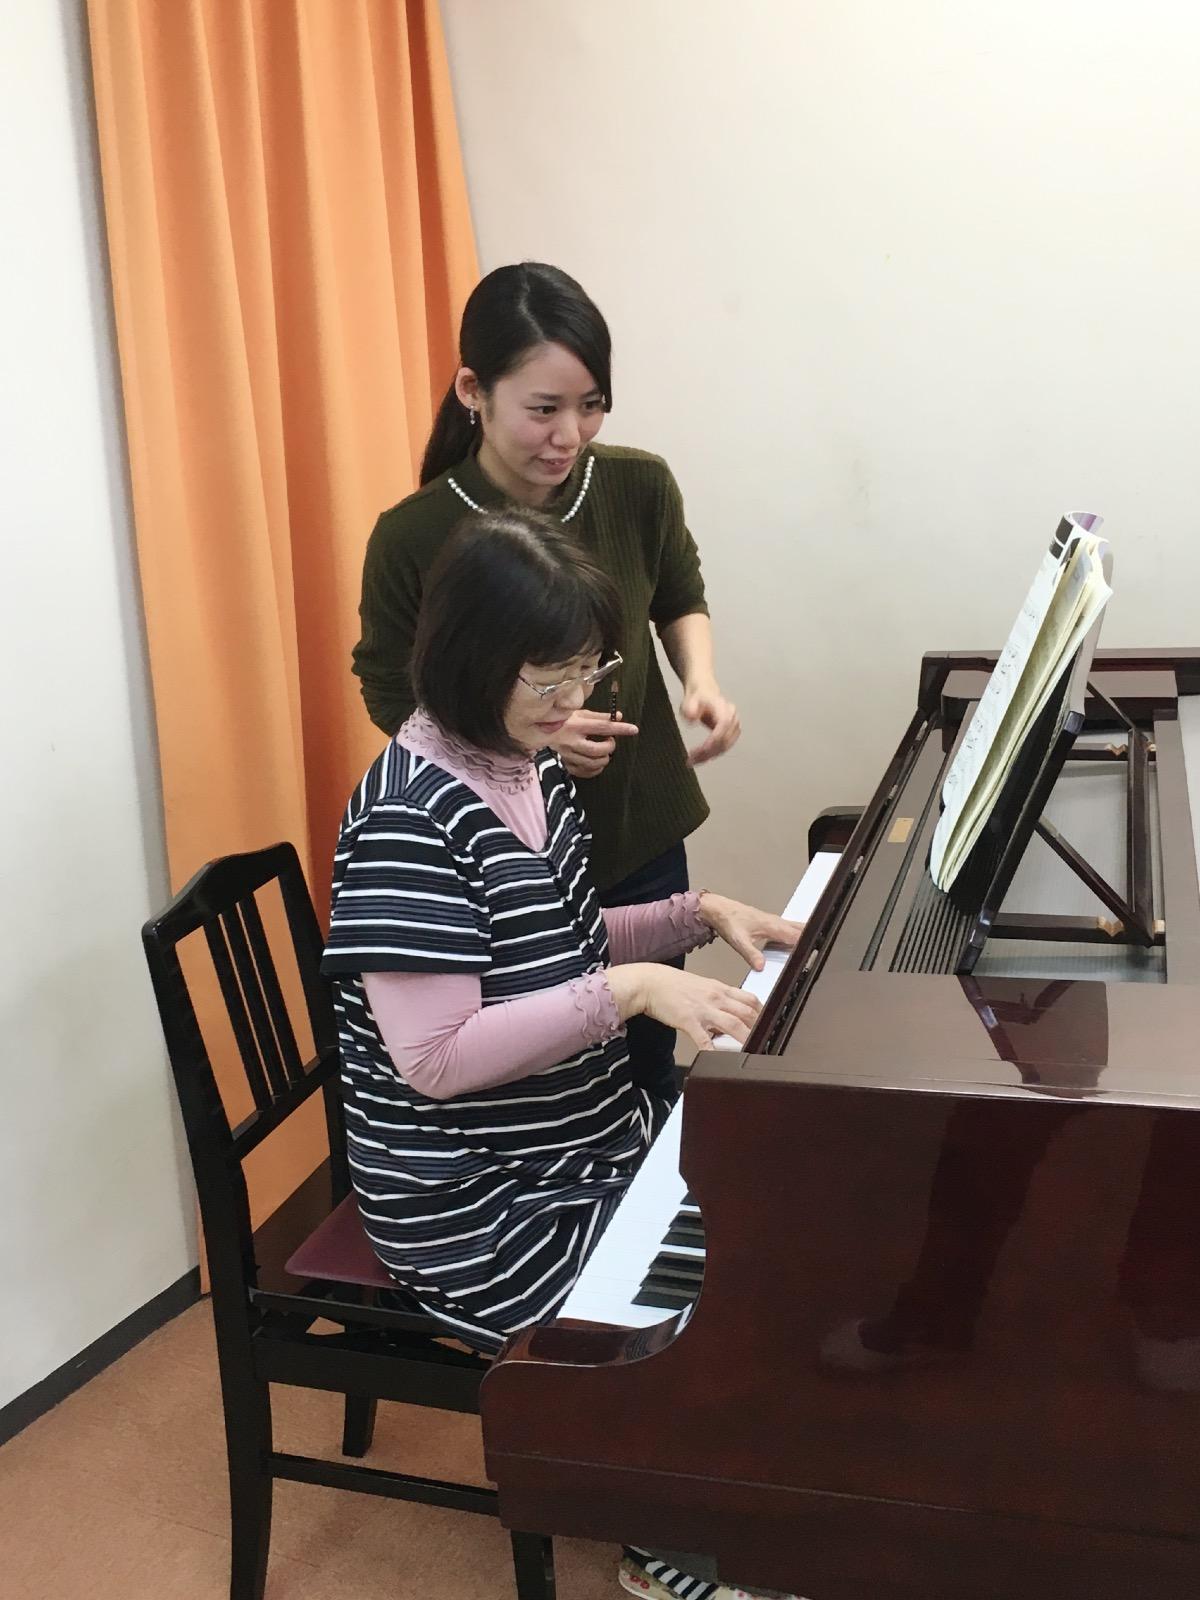 """大人のピアノ:初心者から経験者まで  ●趣味にしたい  ●保育士のコース  ●教員採用試験対策  基礎から教えて欲しい、好きな曲をマスターしたいという様々なご希望に合わせてレッスンいたします。  大好きなあの曲を弾いてみませんか? <div style=""""border:1px solid #FC4174;padding:10px;""""align=""""center""""><p style=""""color:#FC4174; font-size:18px;border-bottom:3px double #FC4174;font-weight:bold;""""> ●大人の部●</p> ピアノ(30分個人レッスン) 年間44回      <b>月7,500+税 から</b></div>"""